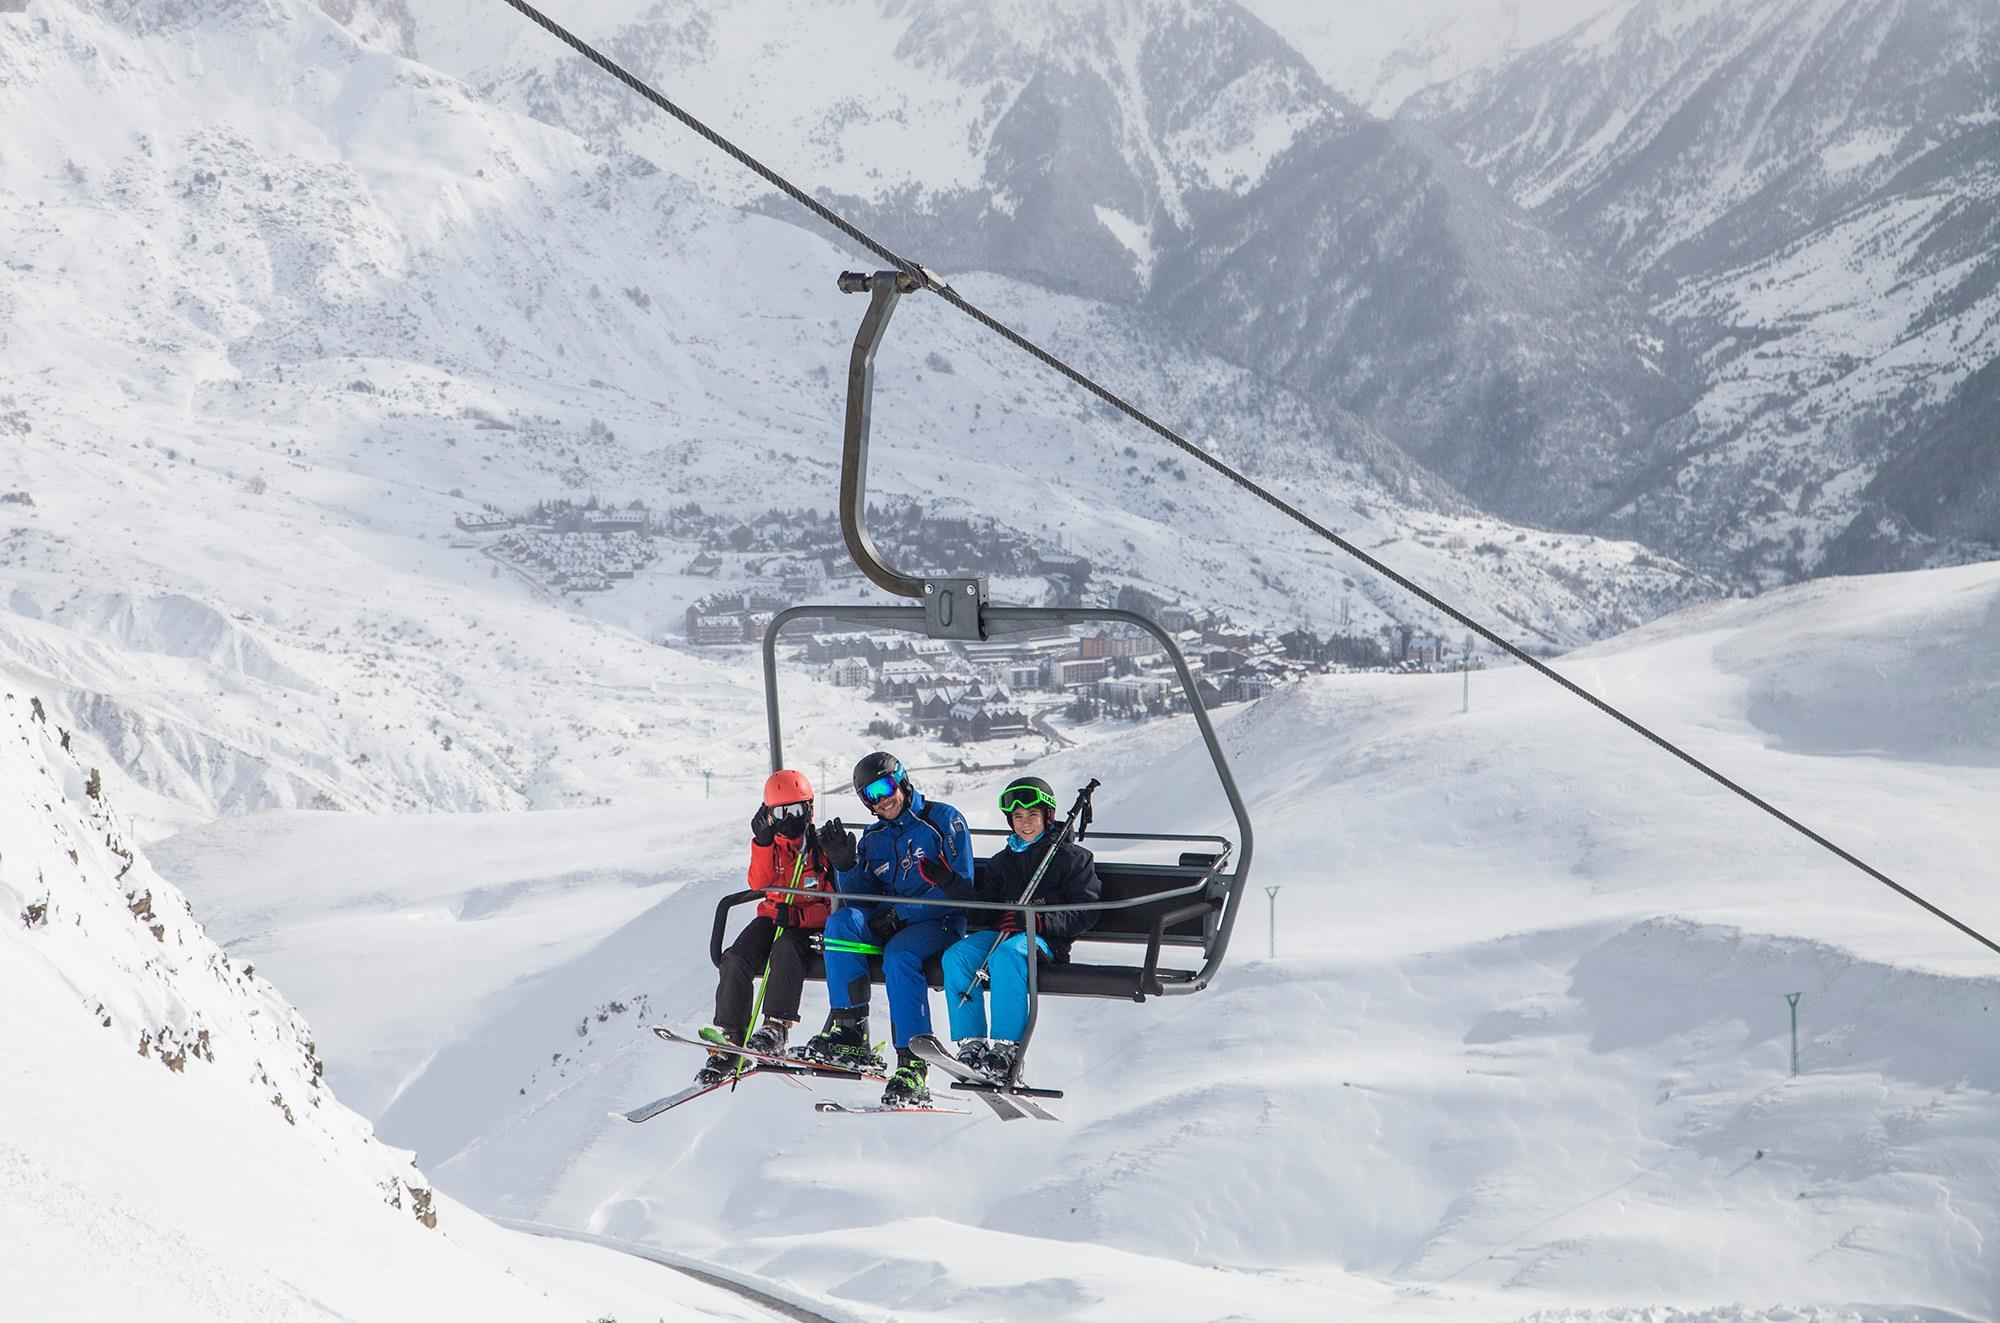 Las estaciones Aramón preparan un fin de semana cargado de nieve, sol y muchas actividades